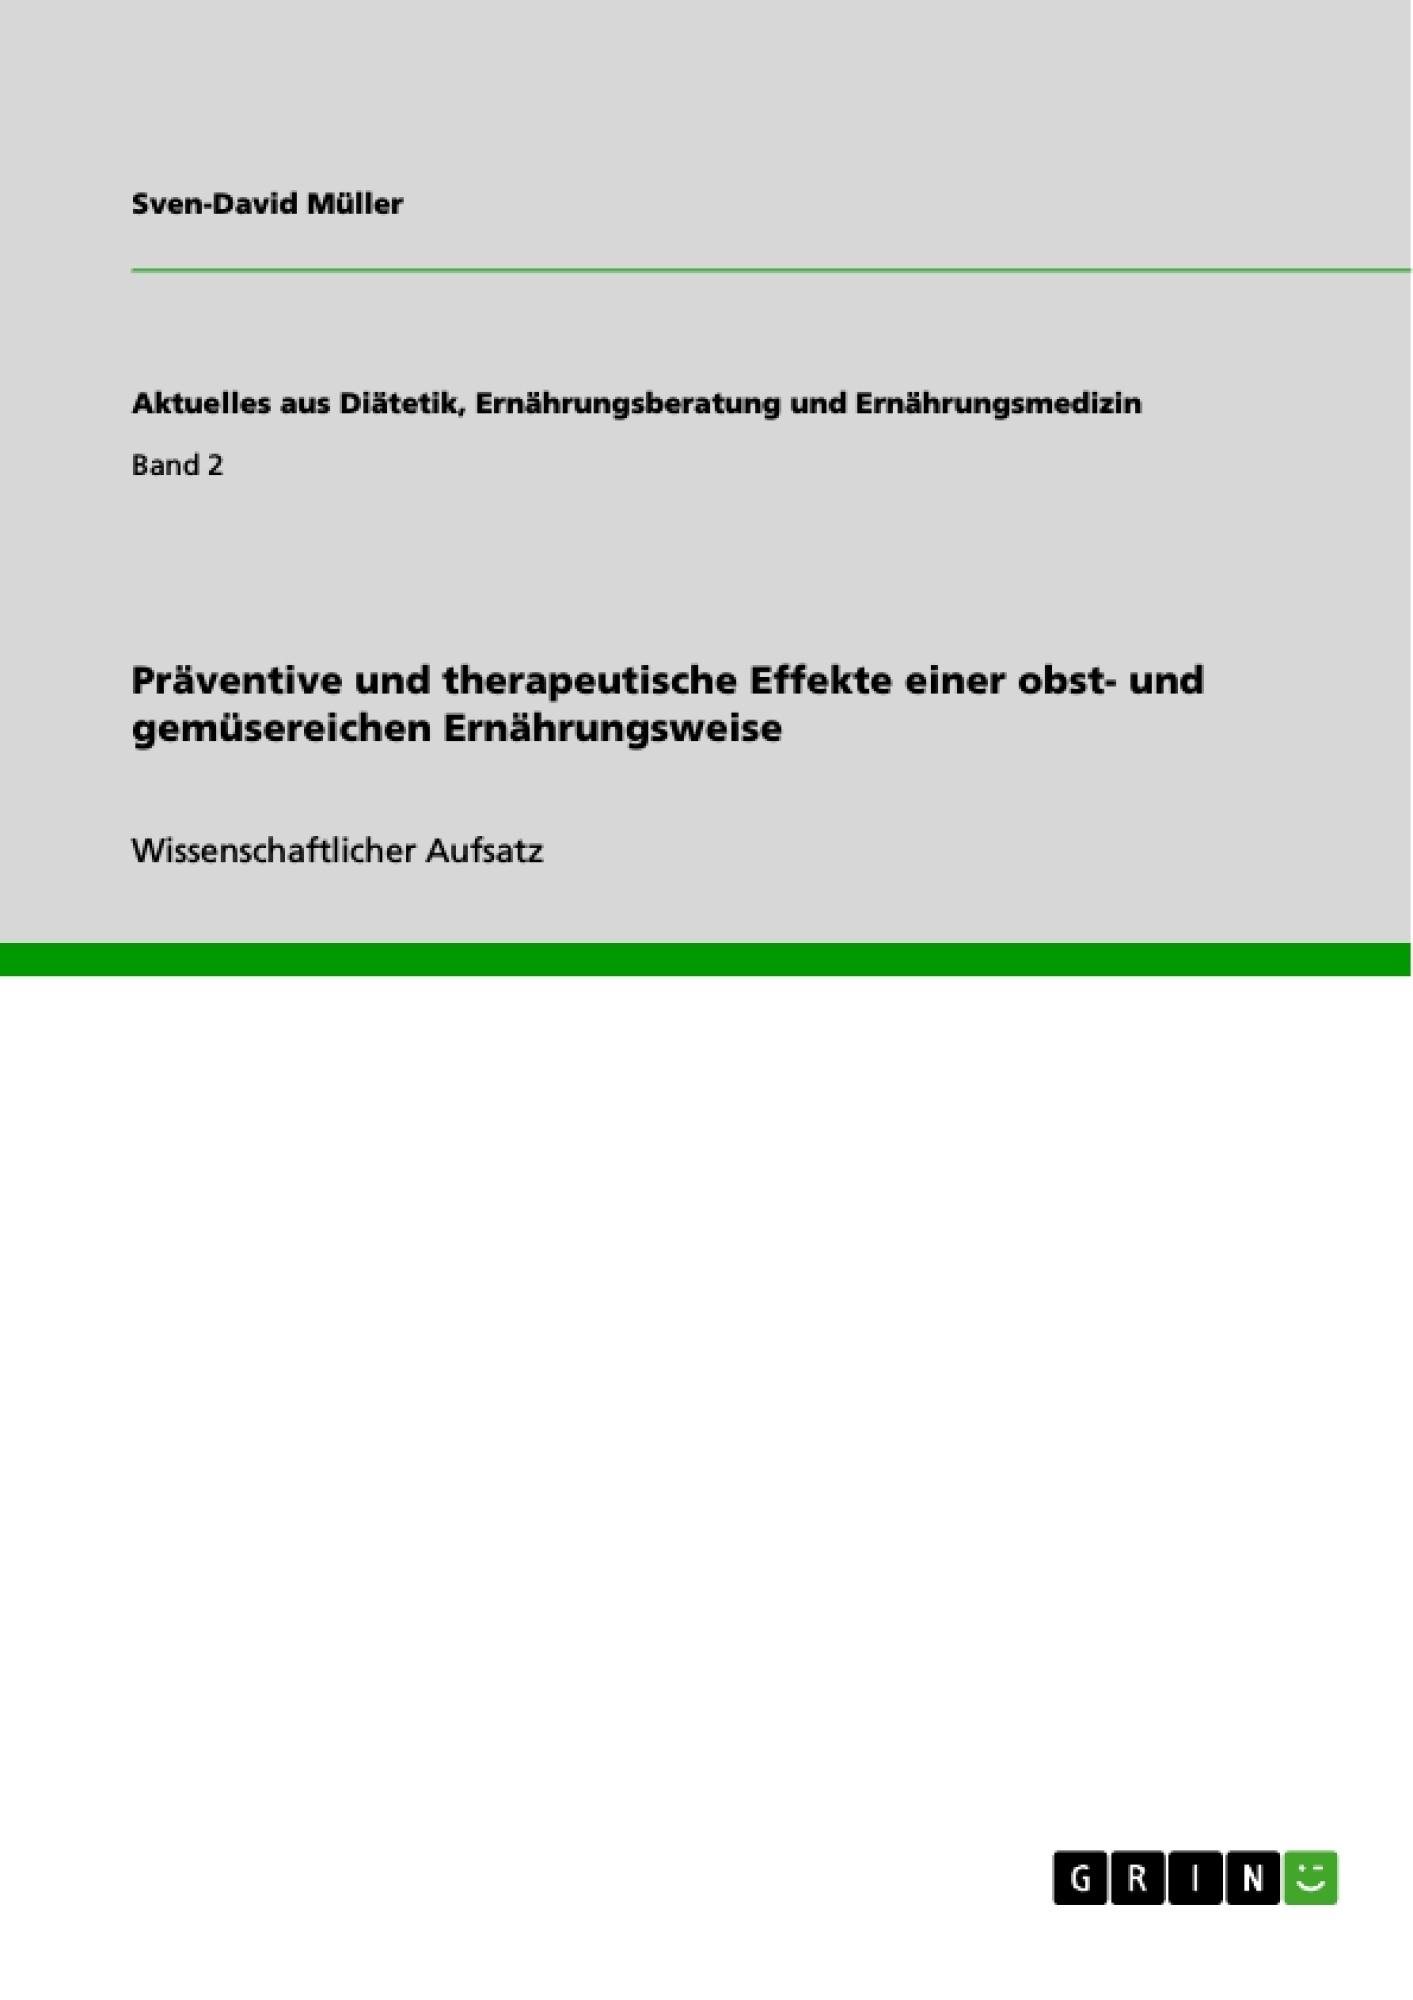 Titel: Präventive und therapeutische Effekte einer obst- und gemüsereichen Ernährungsweise